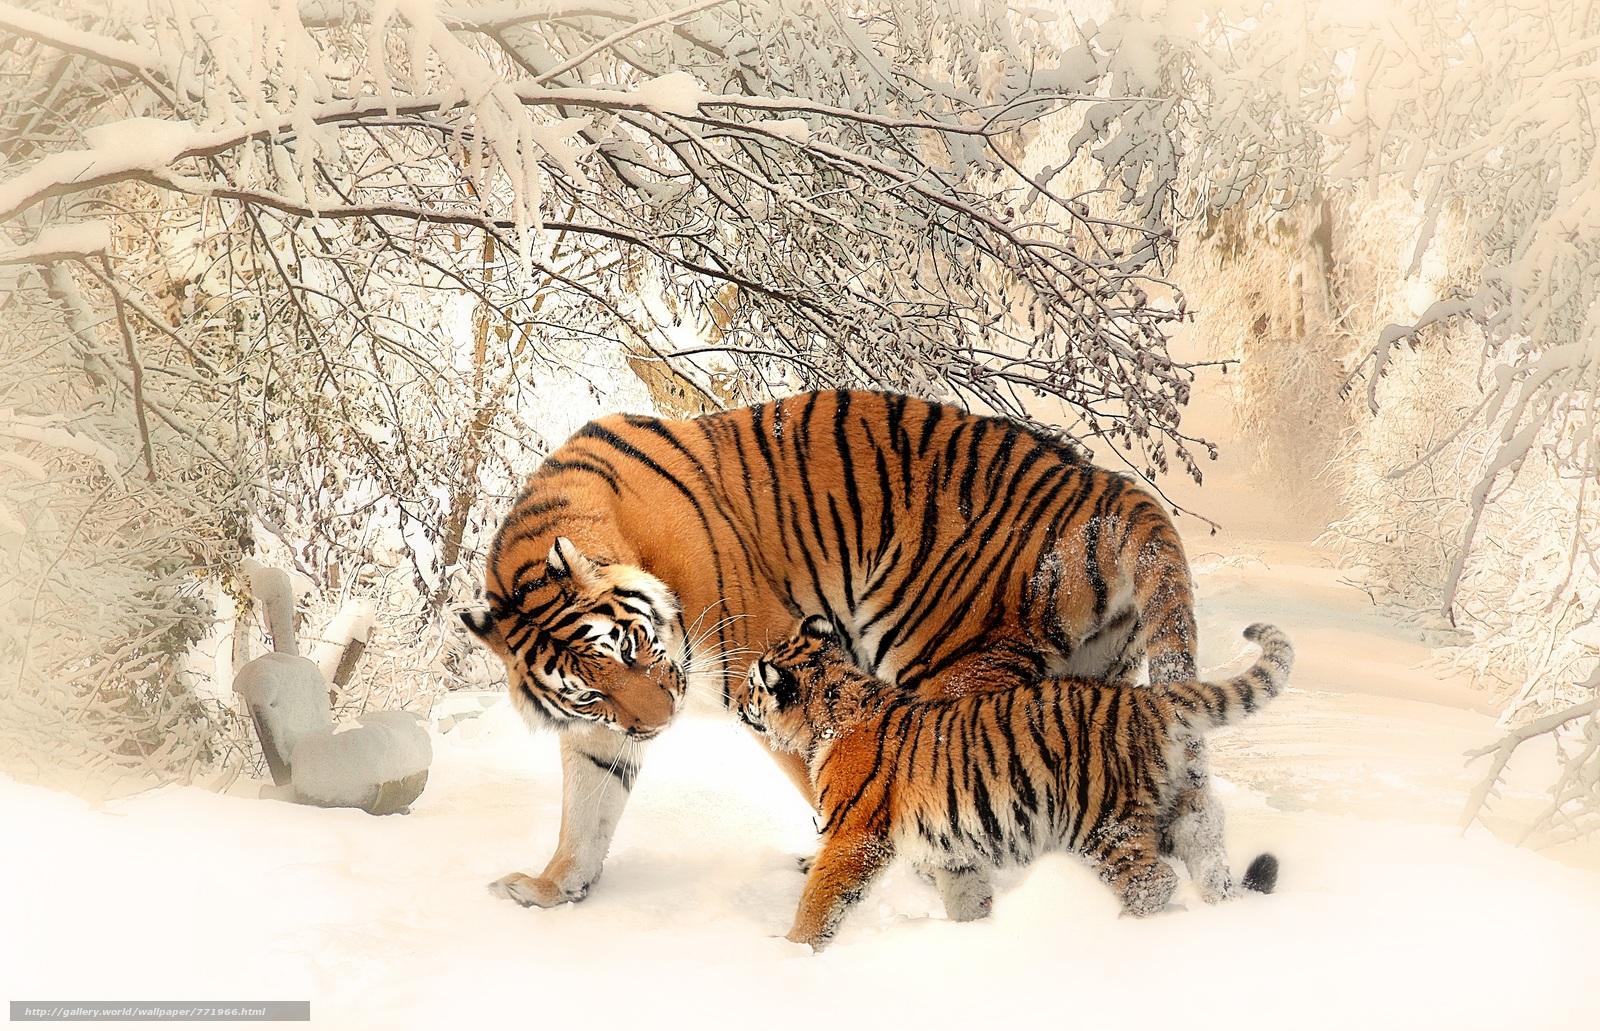 тигр, хищник, зима, снег, тигрица, тигрёнок, забота и ласка, тигриная ласка, материнская ласка